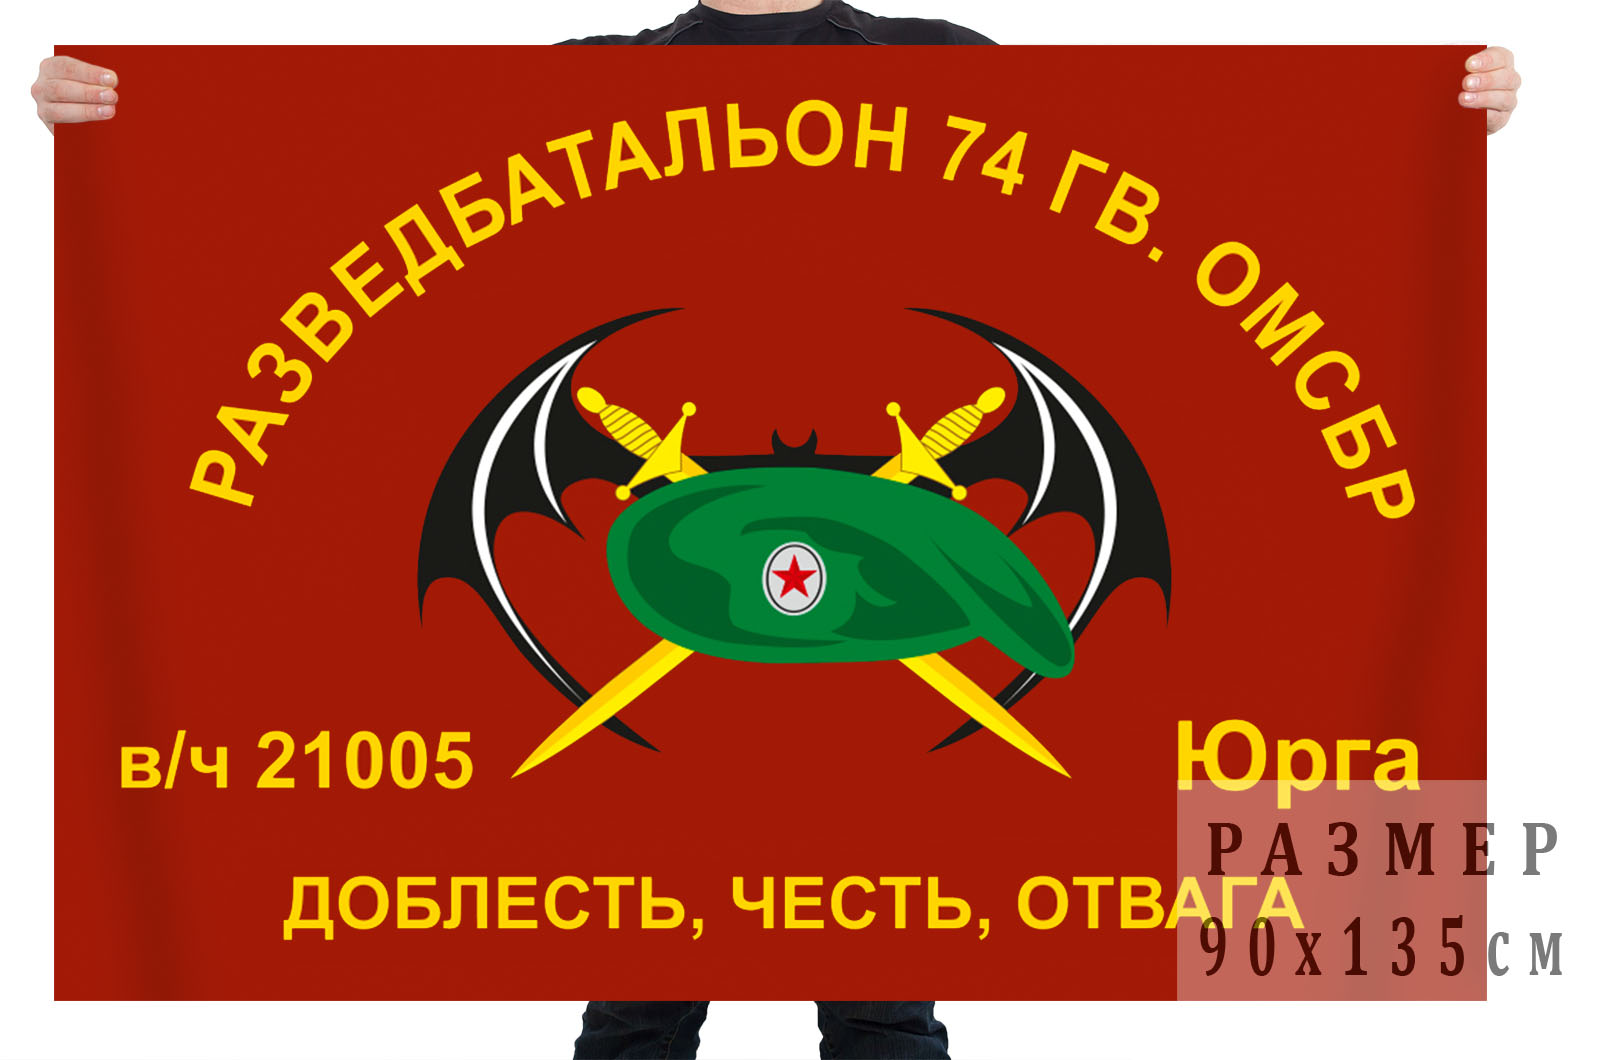 Флаг Разведбата 74 Гв. ОМСБр